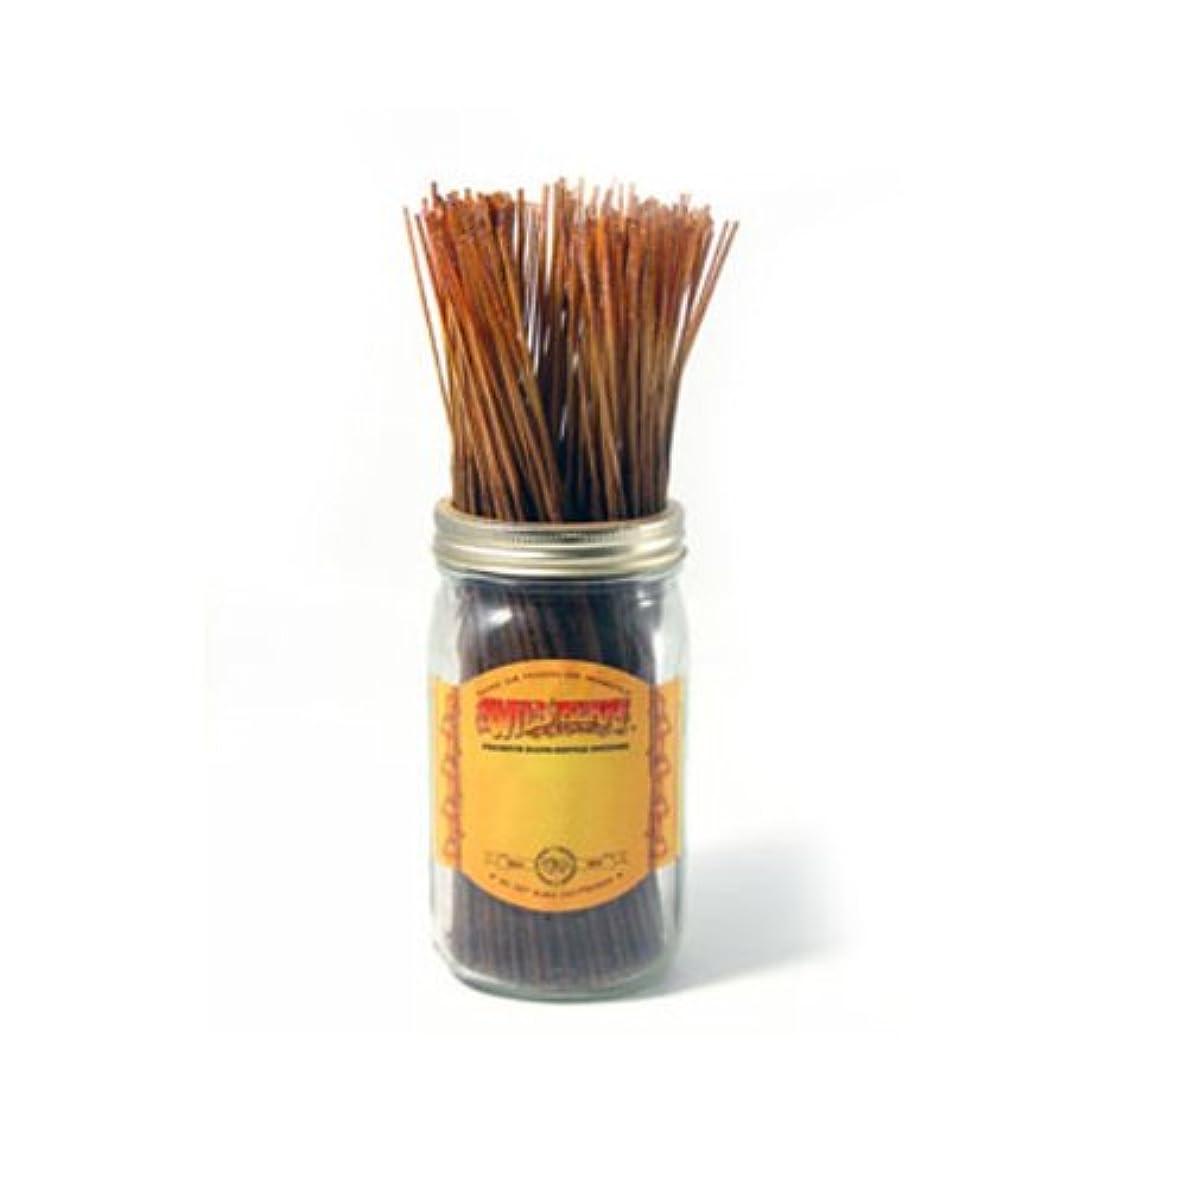 許可するバルク征服Wild Berry Blend 22 Stick Incense (Value Bundle of 100)